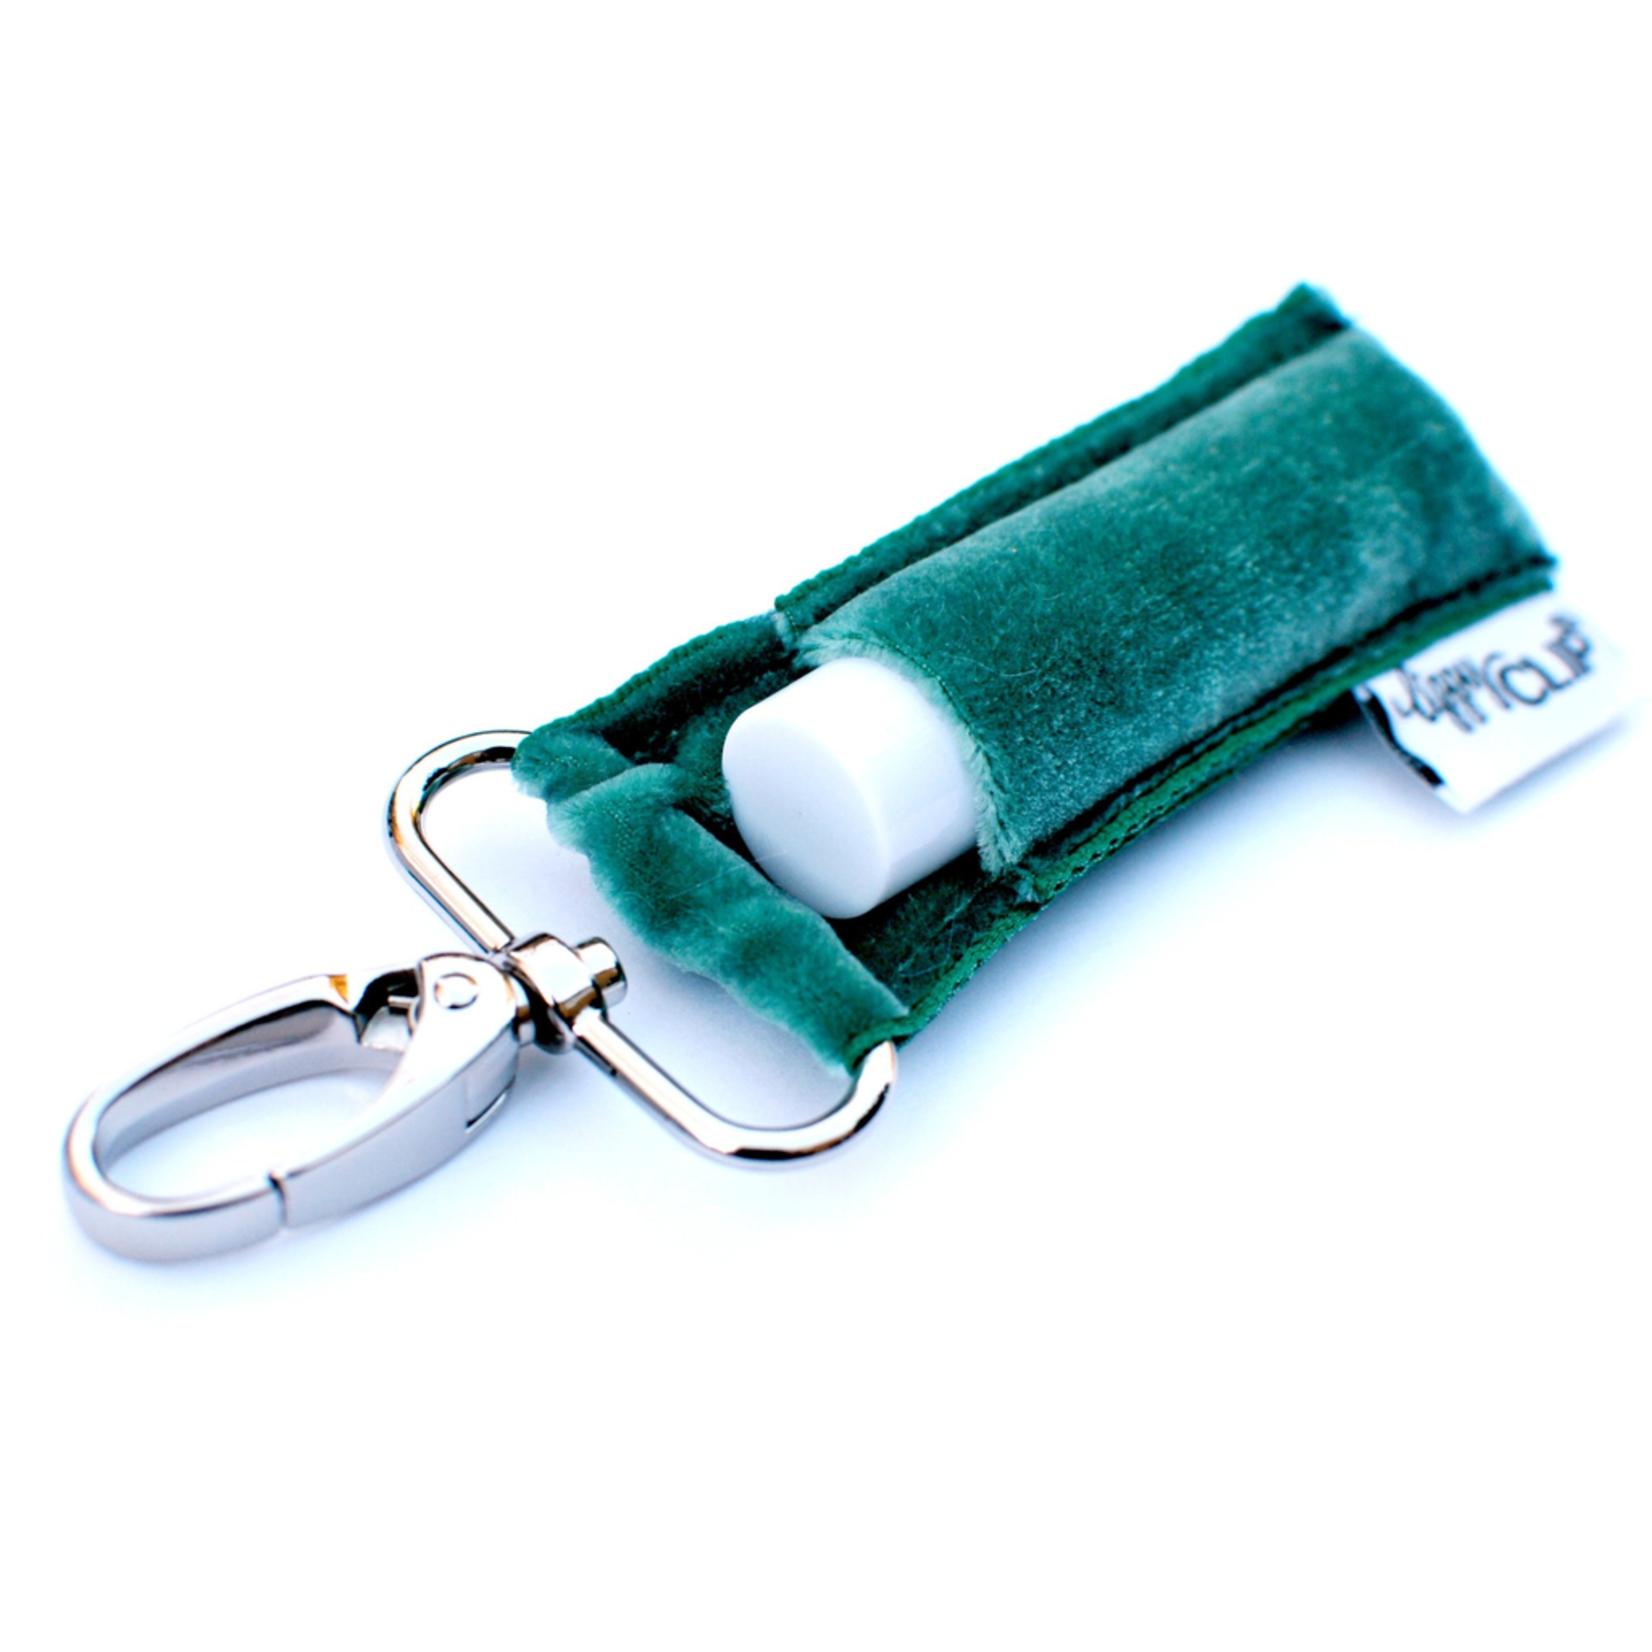 LippyClip Green Velvet lip balm holder